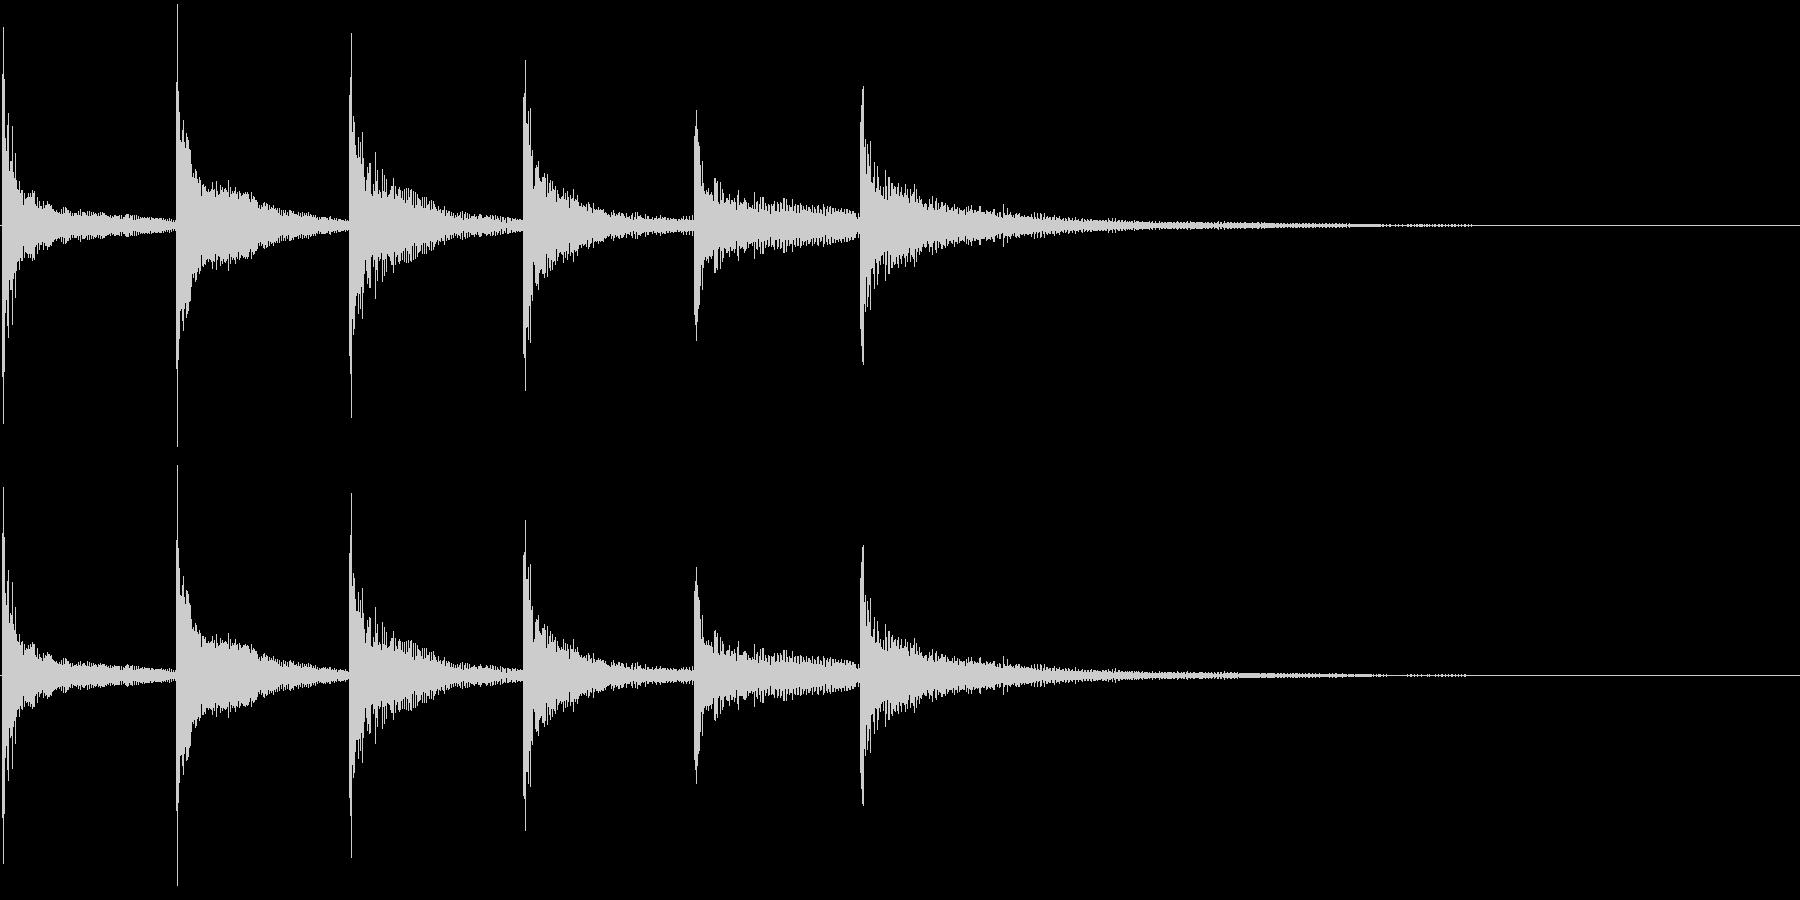 ティンパニ:フォーリングボーイズス...の未再生の波形